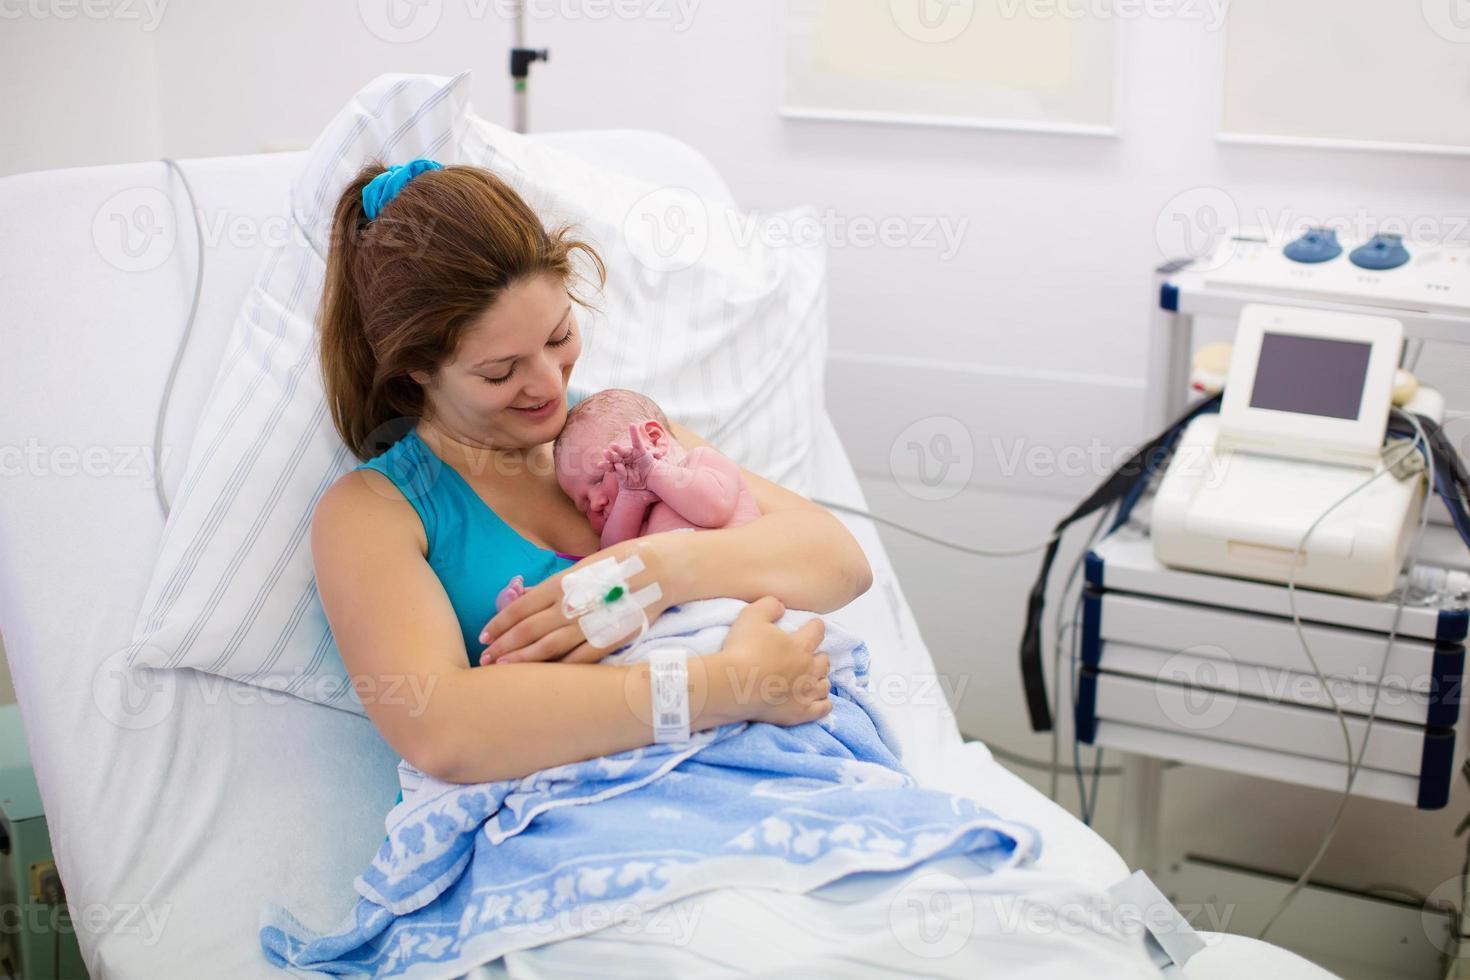 junge Mutter, die ein Baby zur Welt bringt foto